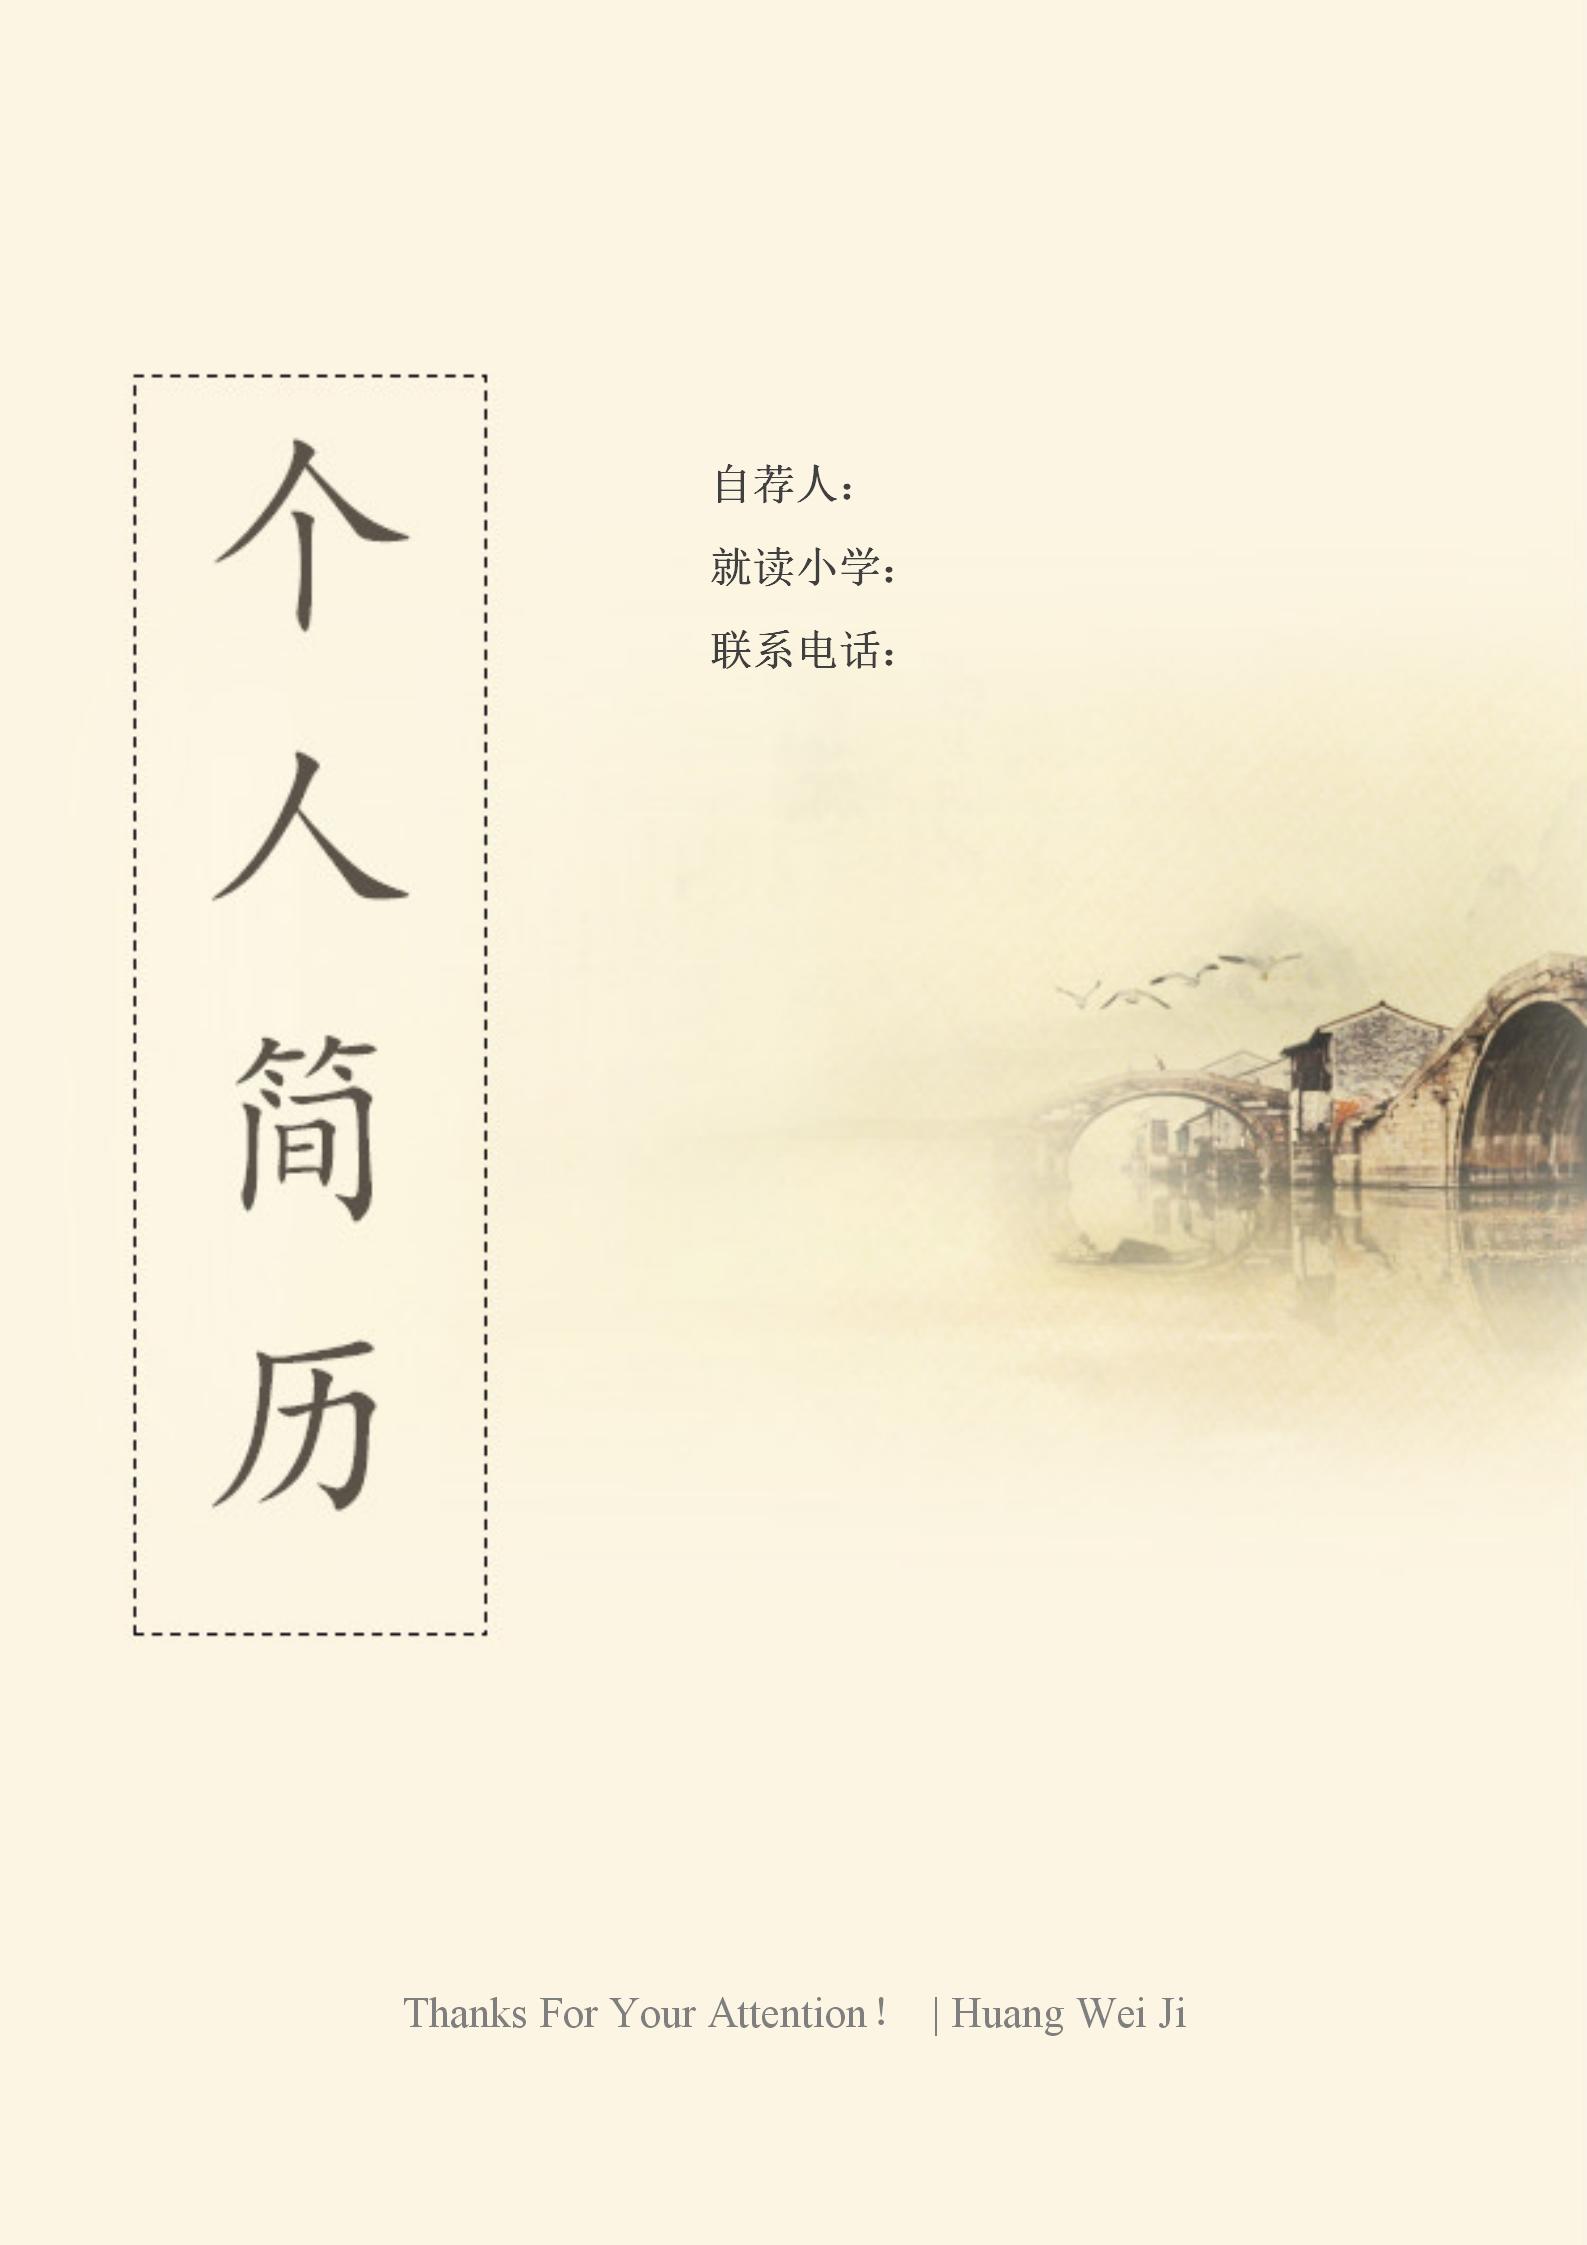 2020年小学升初中简历模板word免费下载(7)